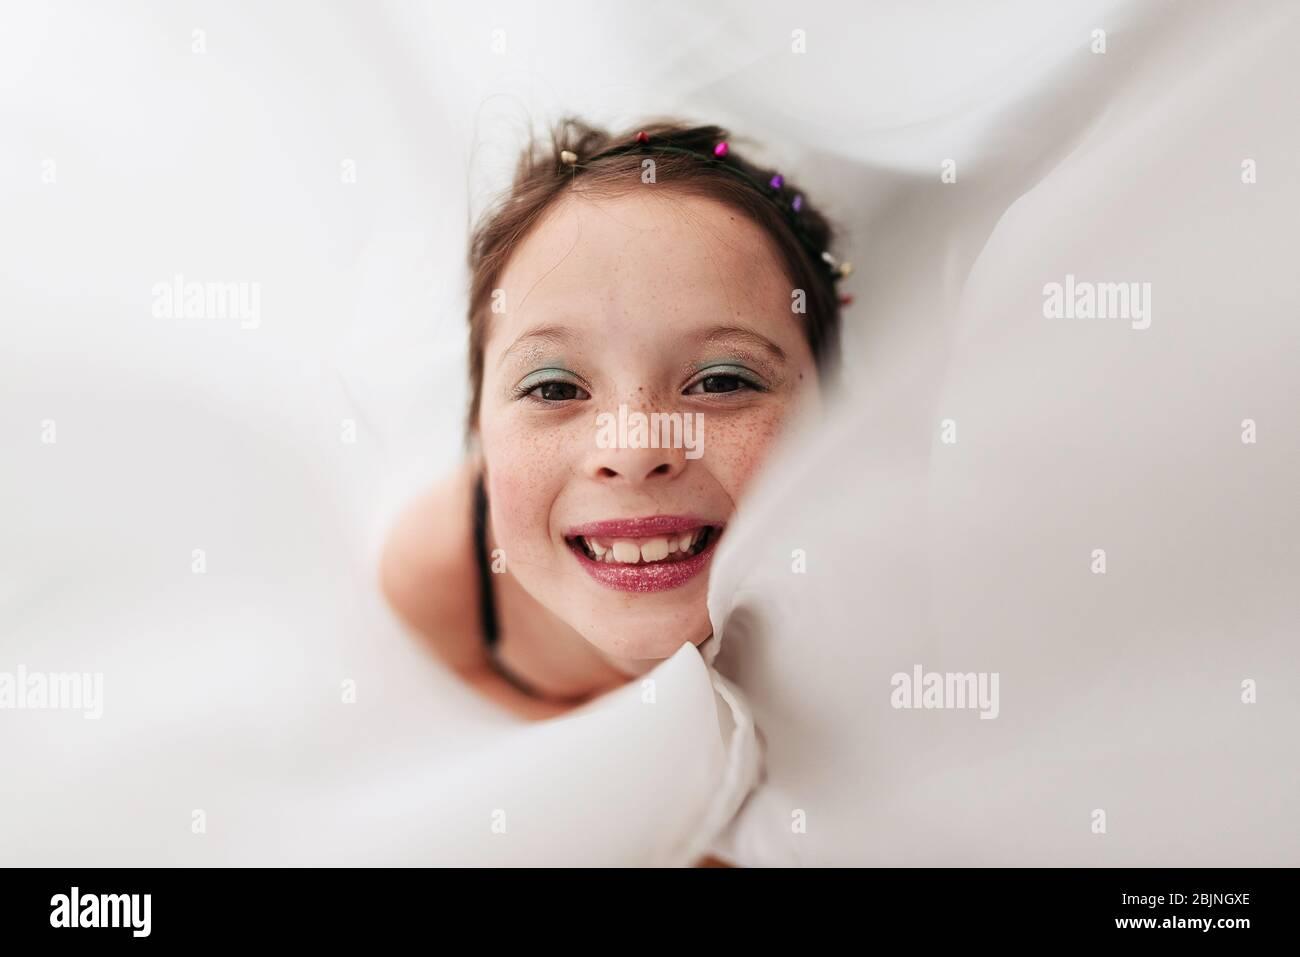 Retrato de una niña con un vestido envuelto en una cortina Foto de stock